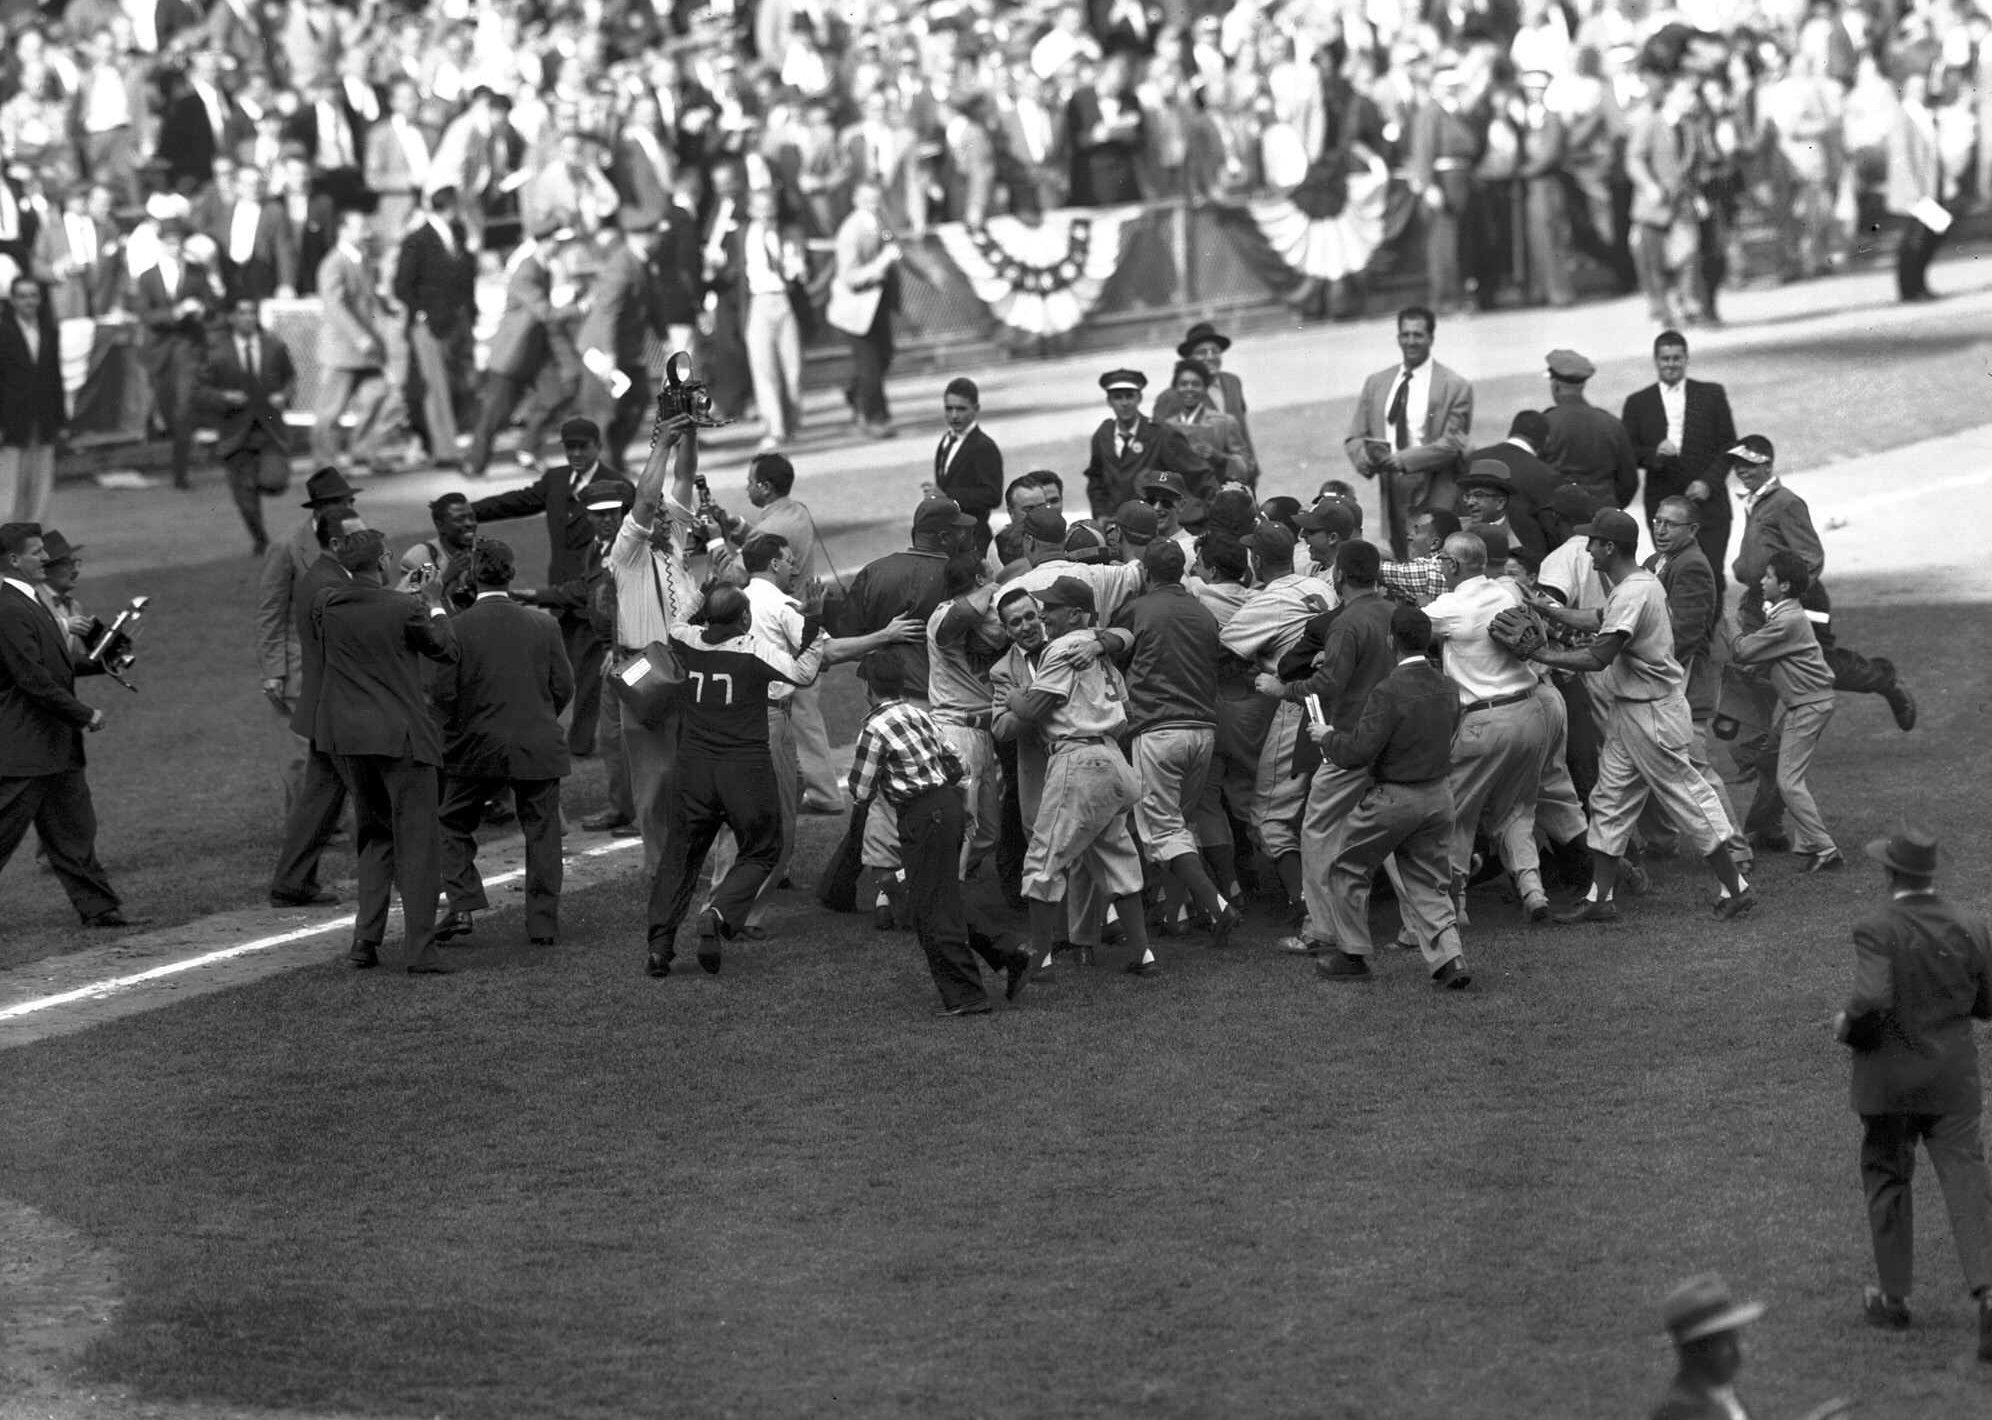 La historia del béisbol en Brooklyn (y III)